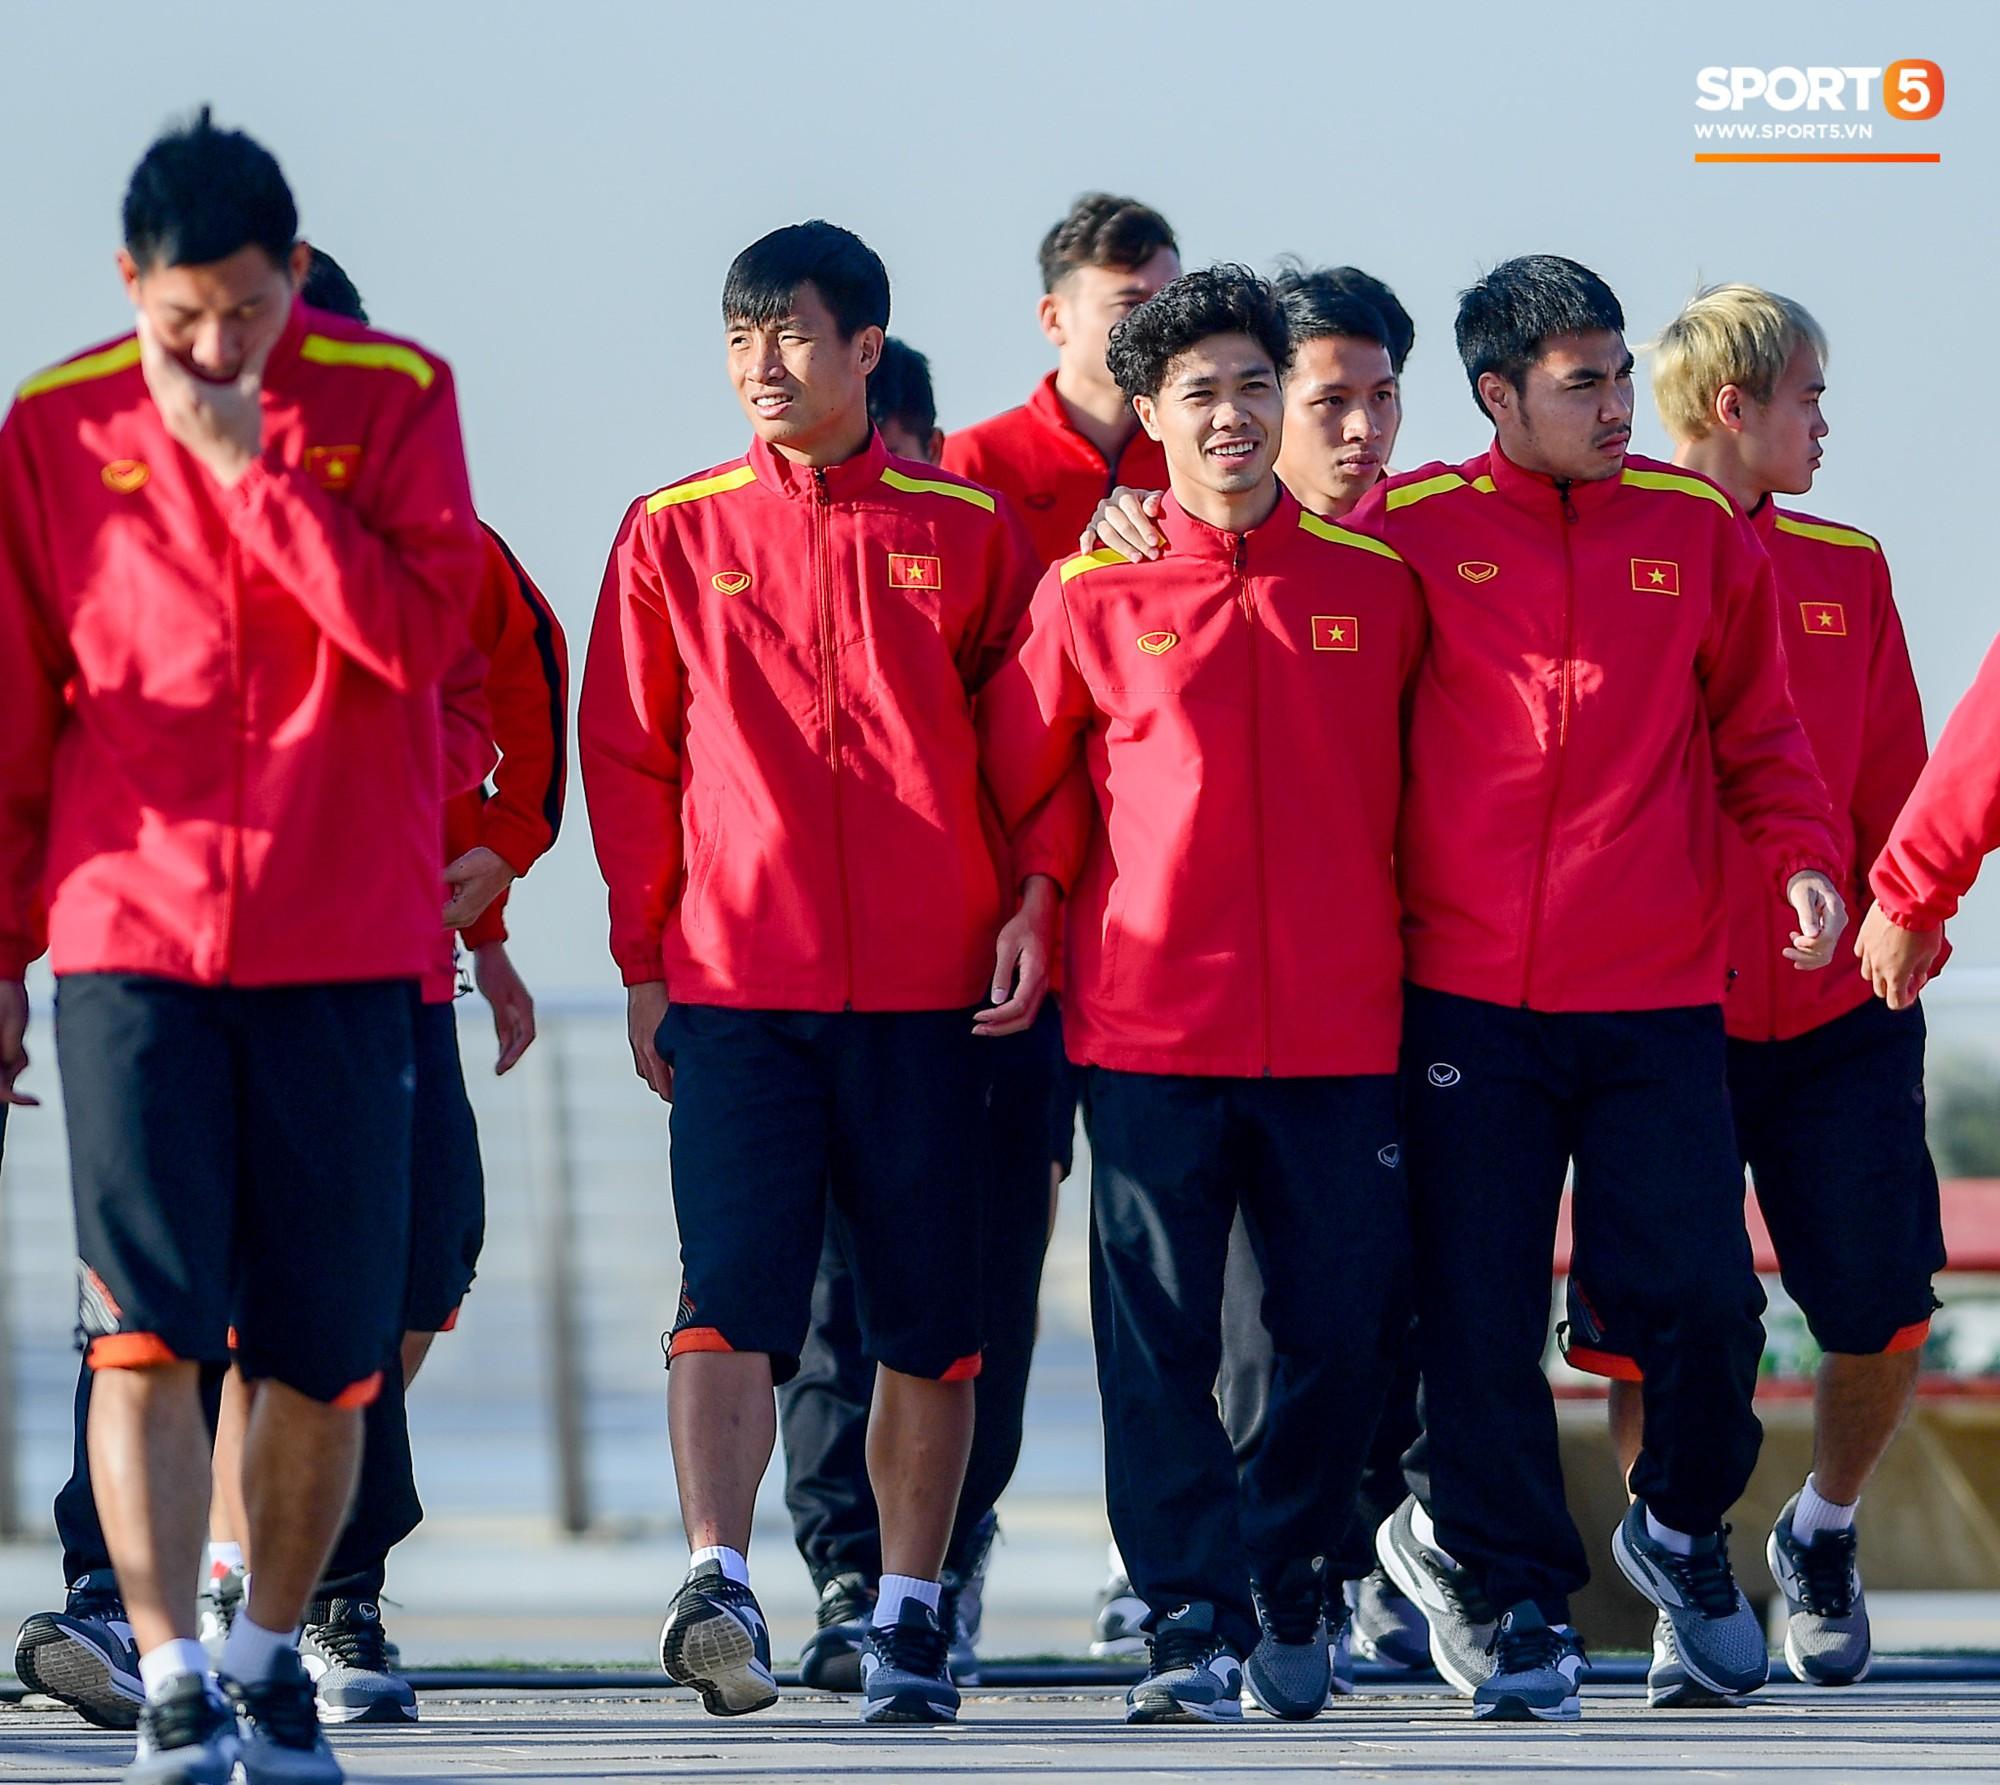 Hướng tới World Cup, tuyển Việt Nam lần đầu tiên áp dụng công nghệ hiện đại này cho cầu thủ - Ảnh 3.